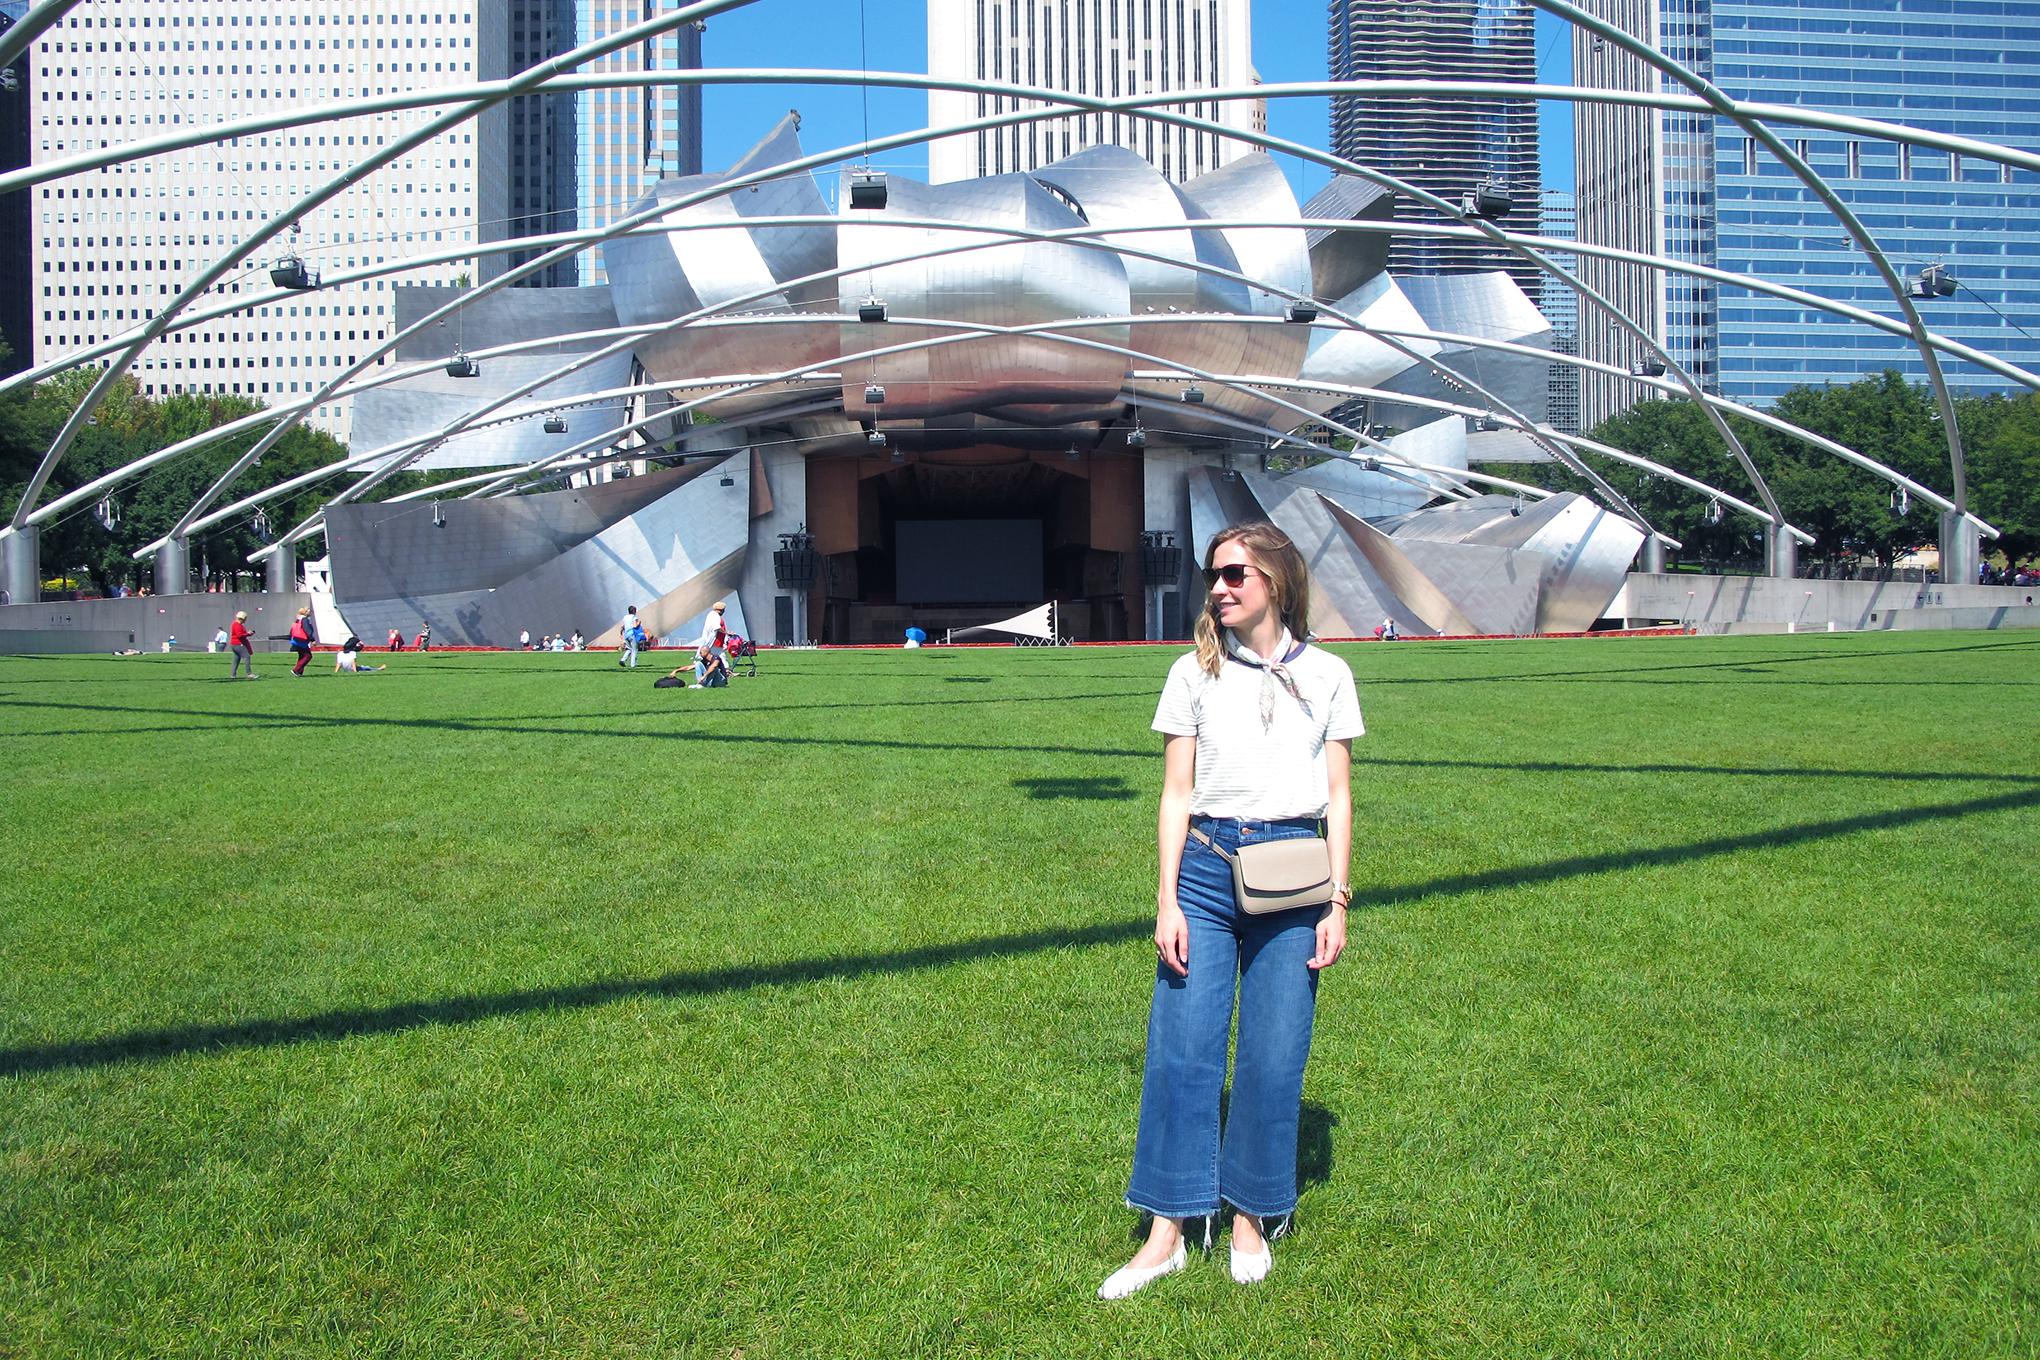 MoP_Chicago_15.JPG